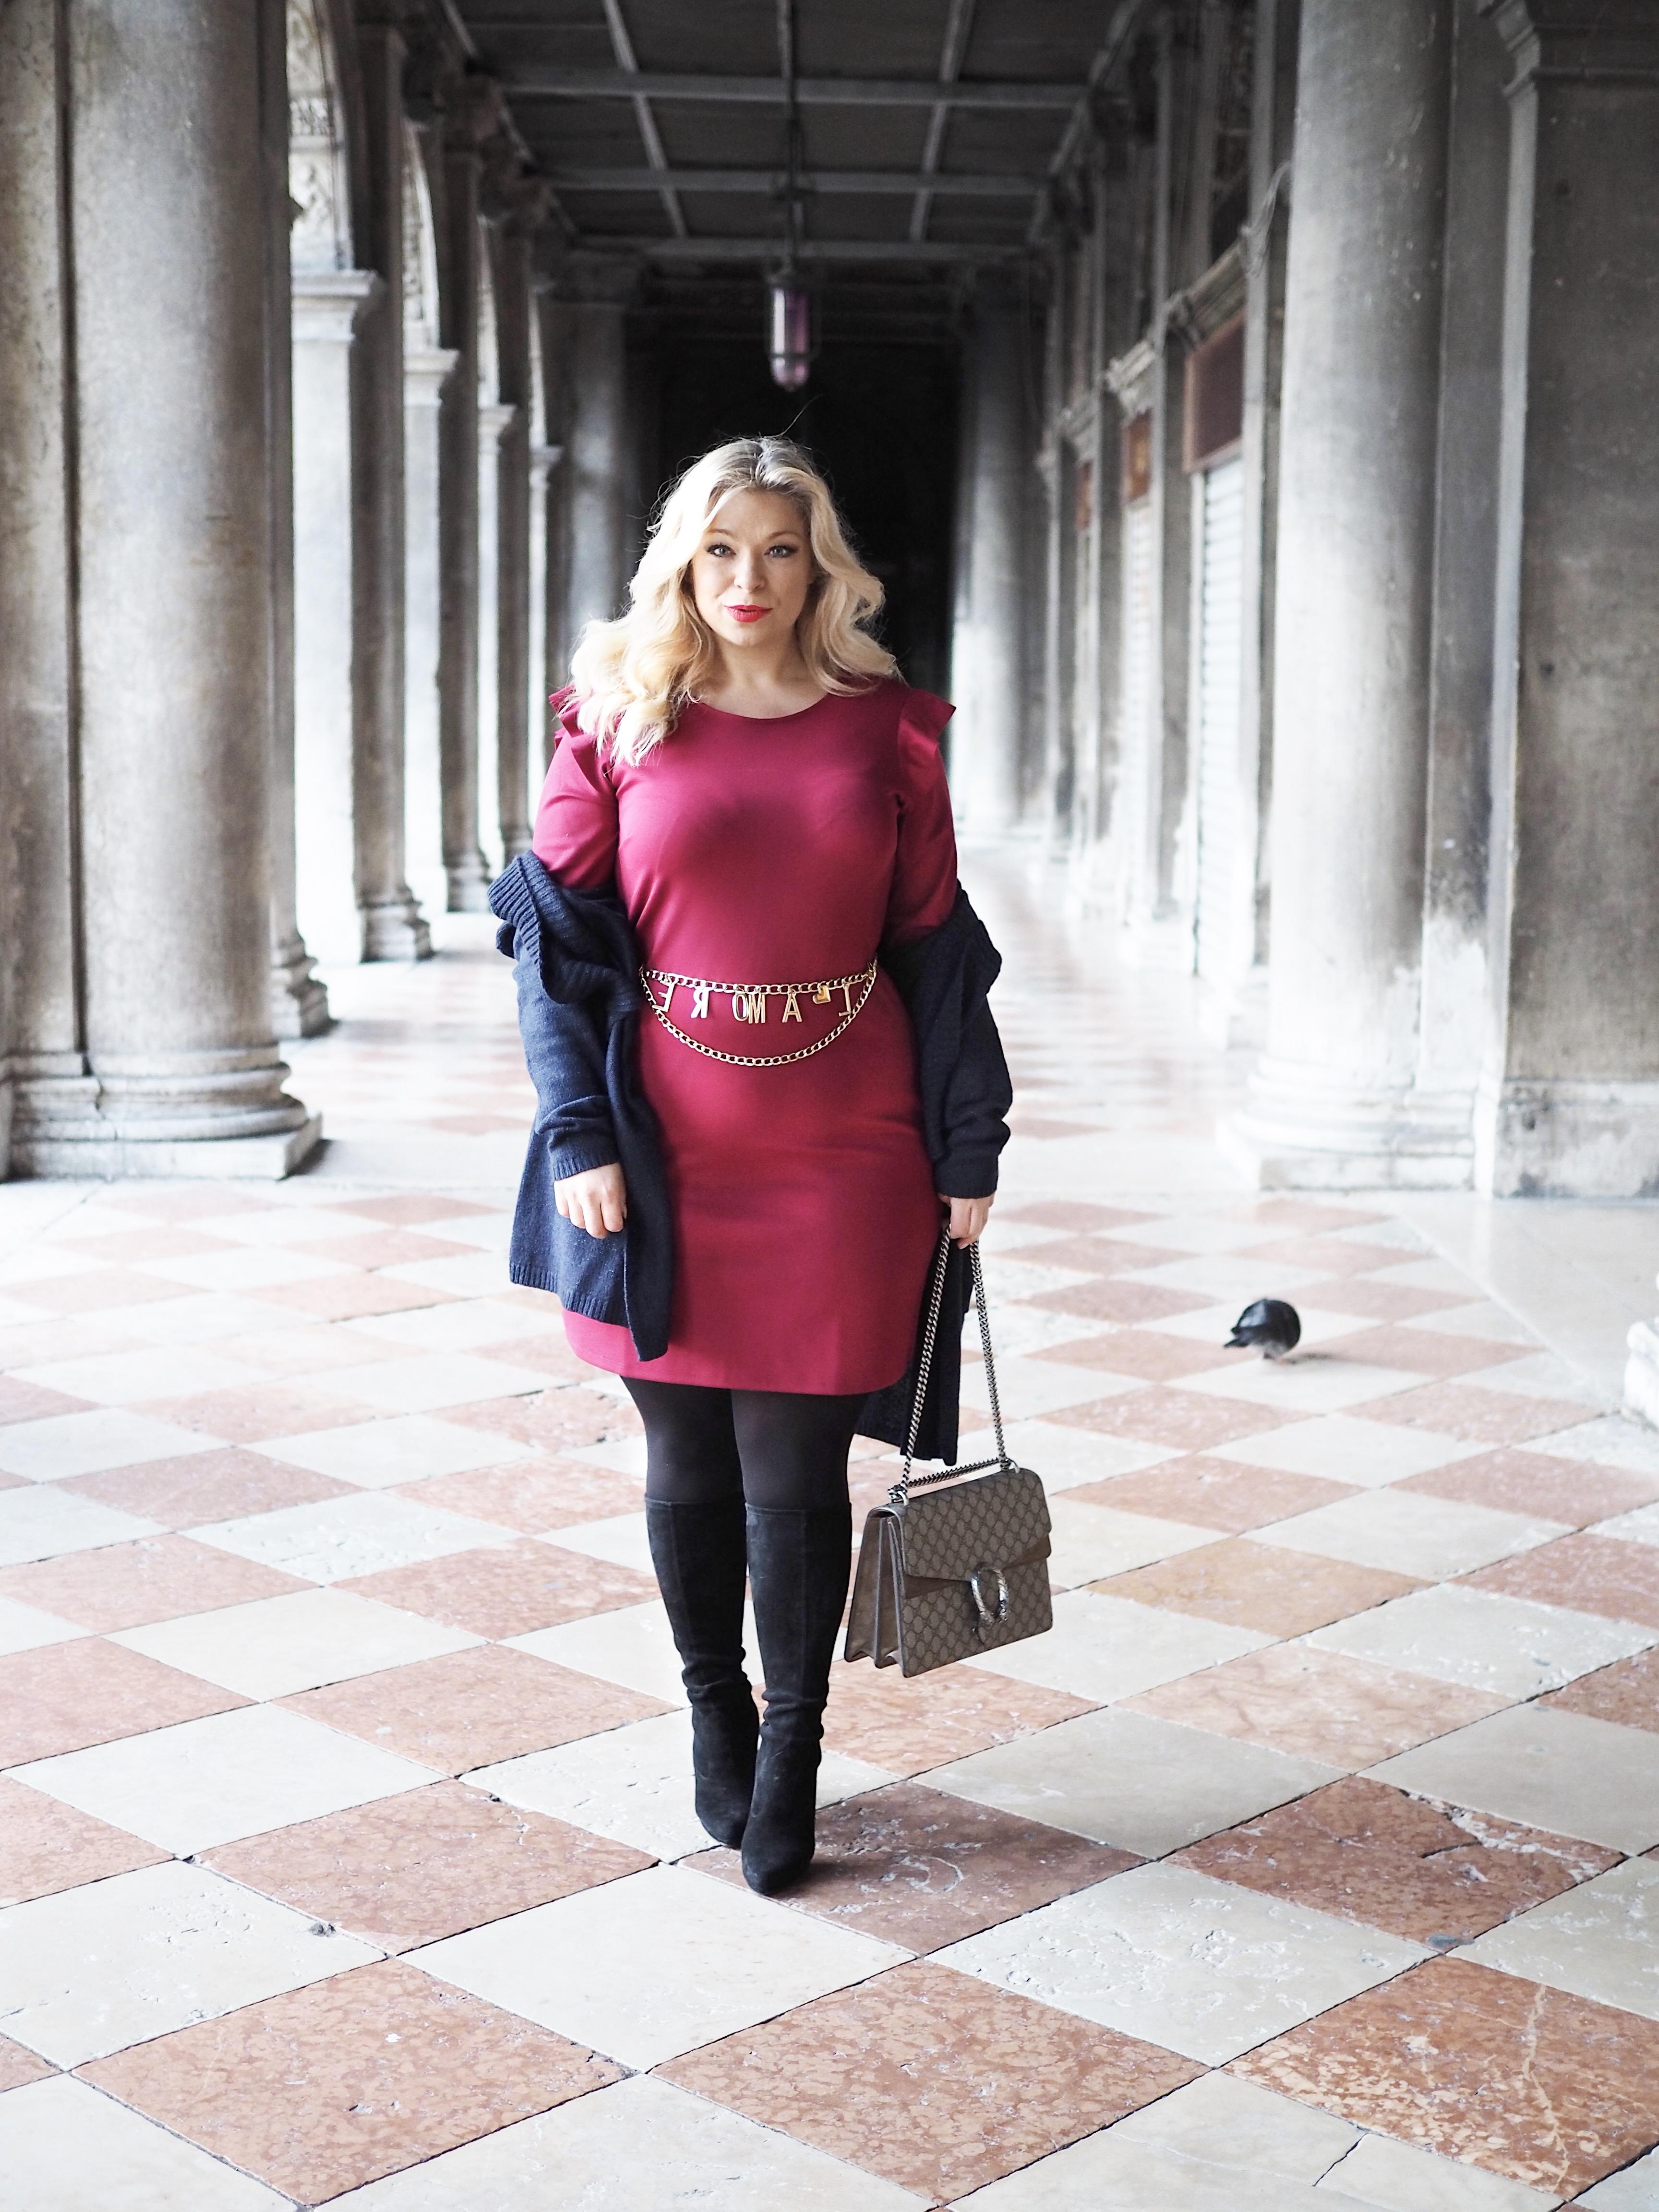 Caterina-Pogorzelski-Reisen-venedig-Italien-megabambi-Reisen-venedig